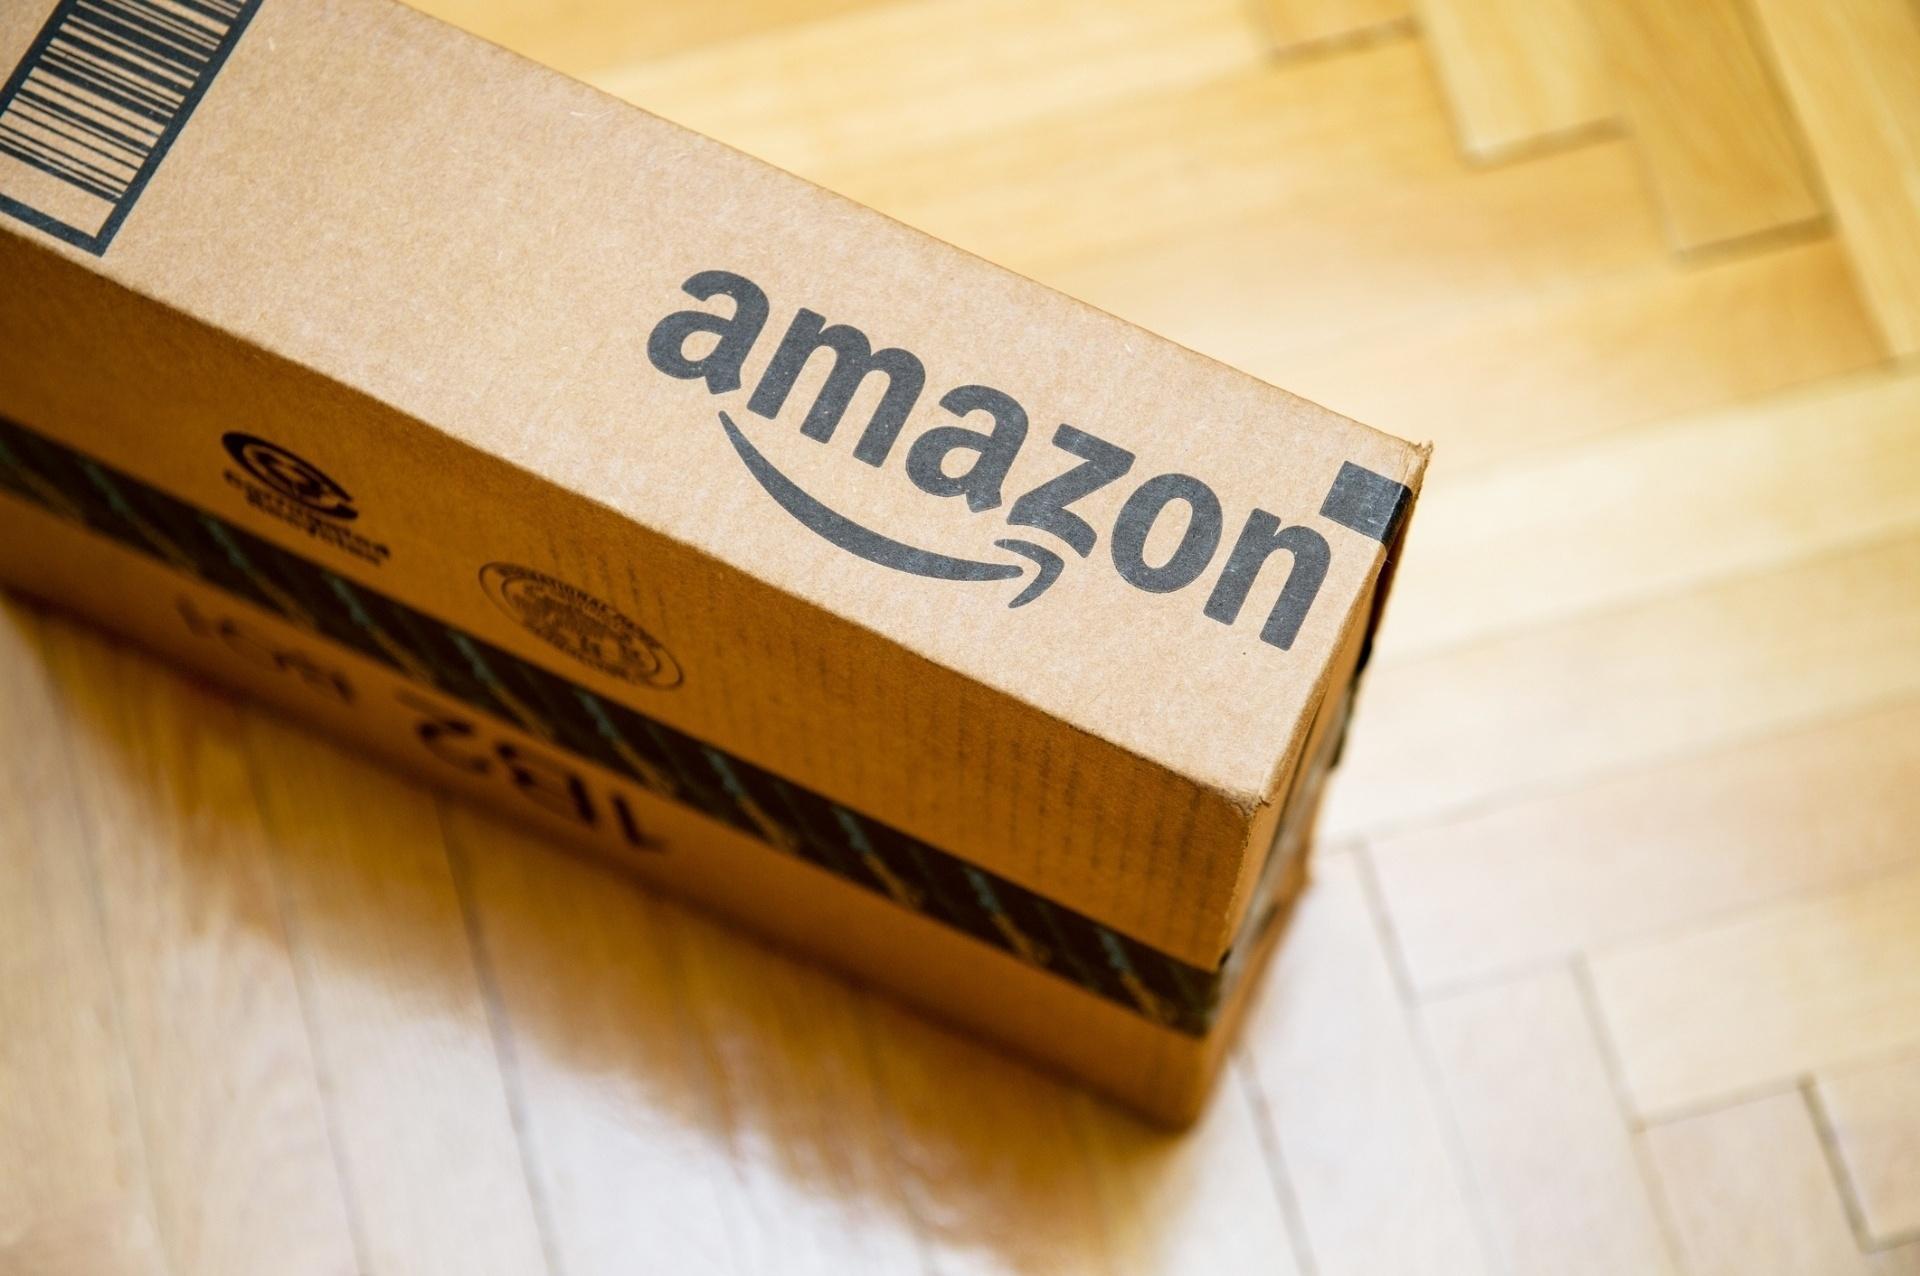 57a02cb5f Amazon desenvolve dispositivo que reconhece emoções através da nossa voz -  23 05 2019 - UOL Tecnologia